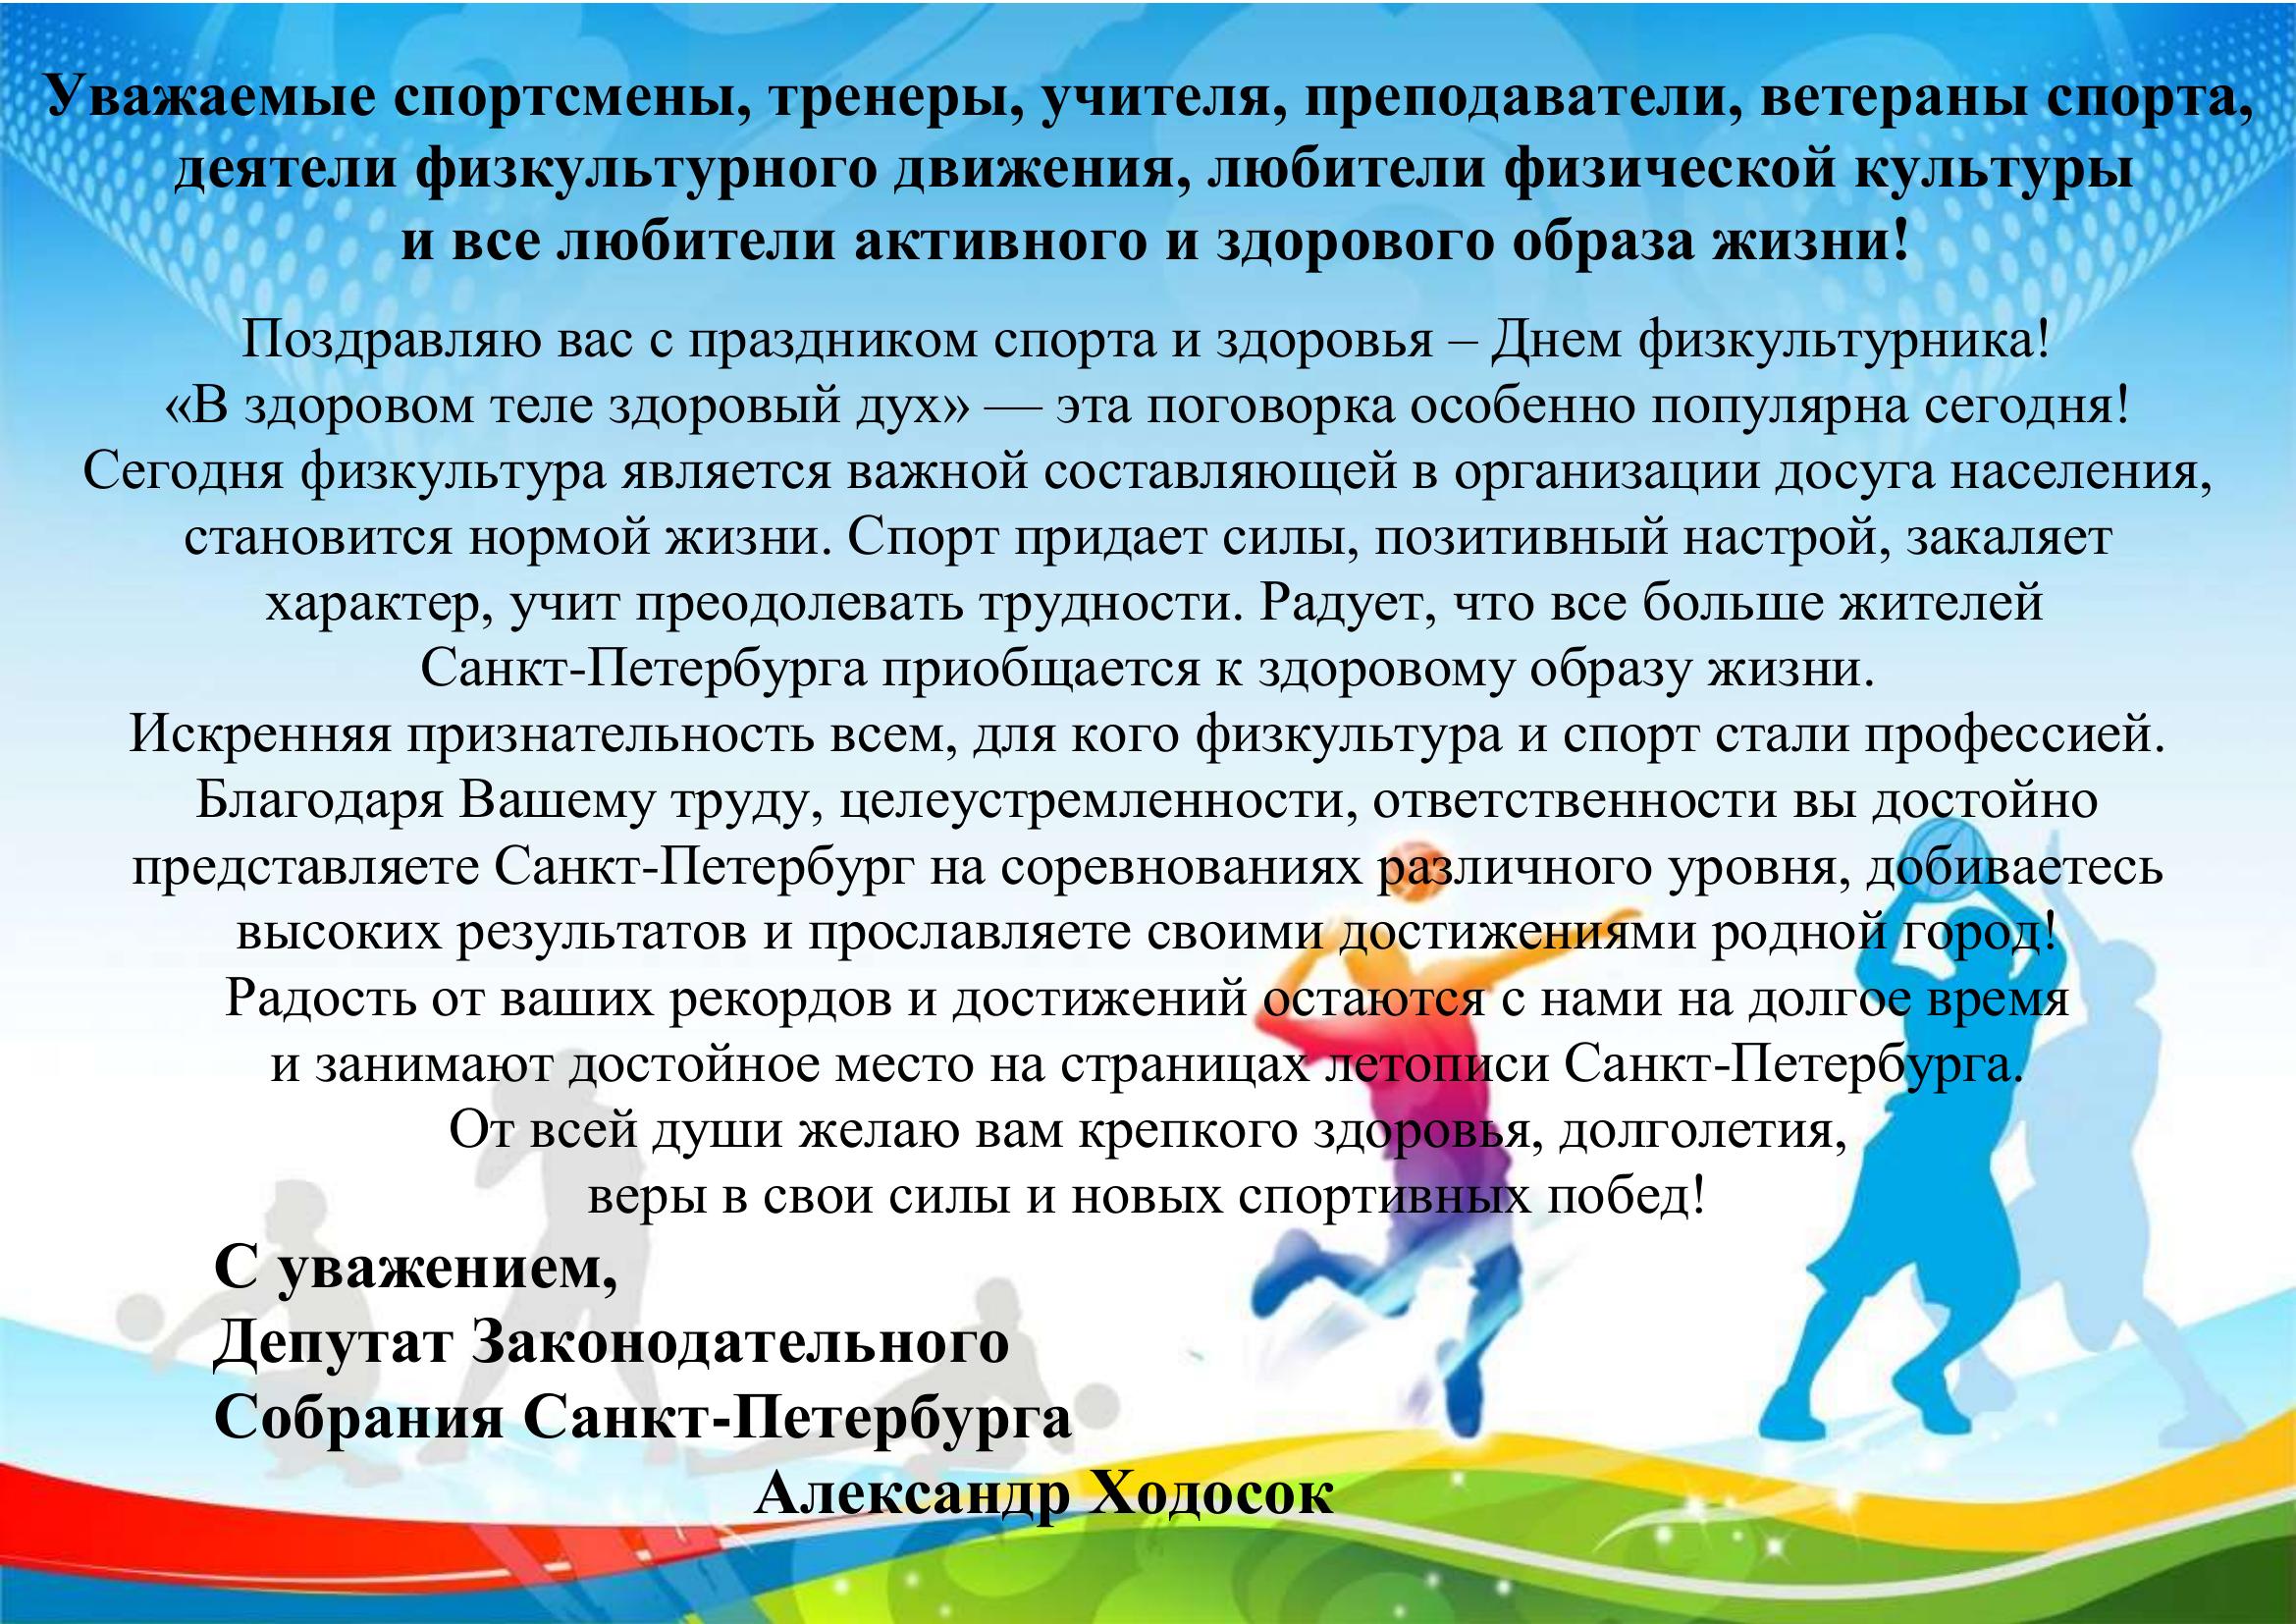 ПОЗДРАВЛЕНИЕ А.В. Ходоска с Днем Физкультурника